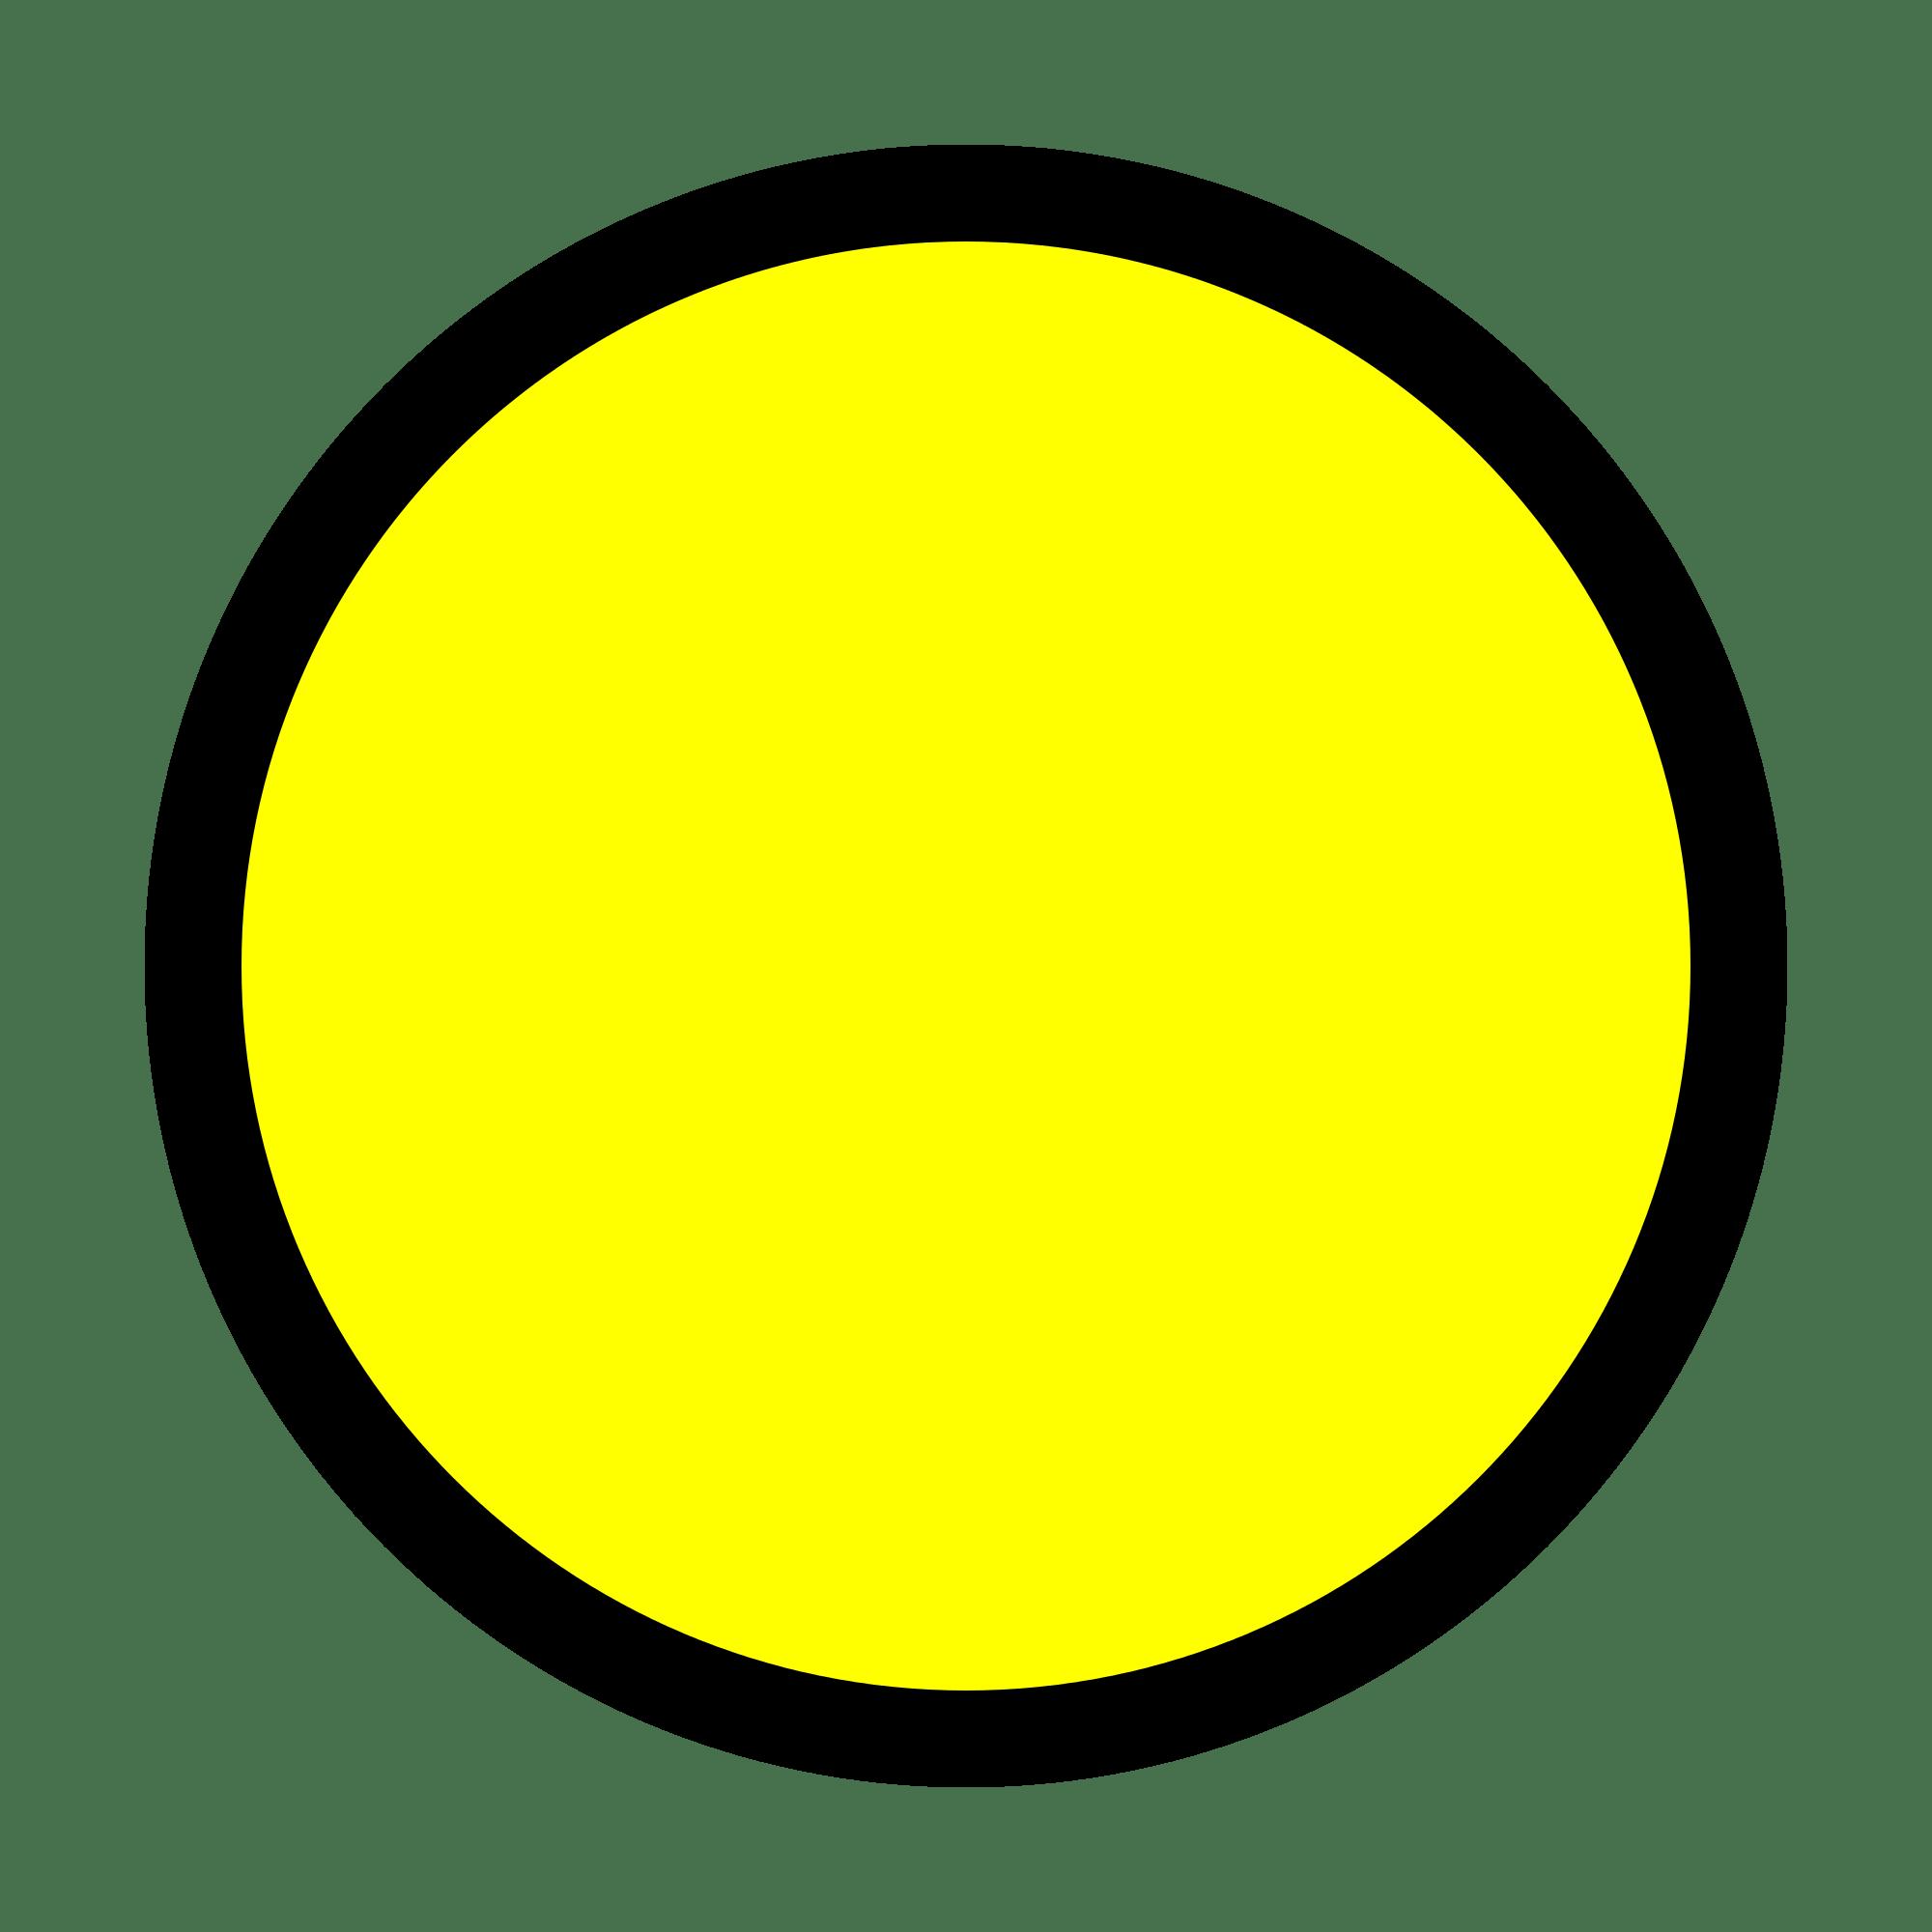 Plaque Clipart Oval Outline Picture Plaque